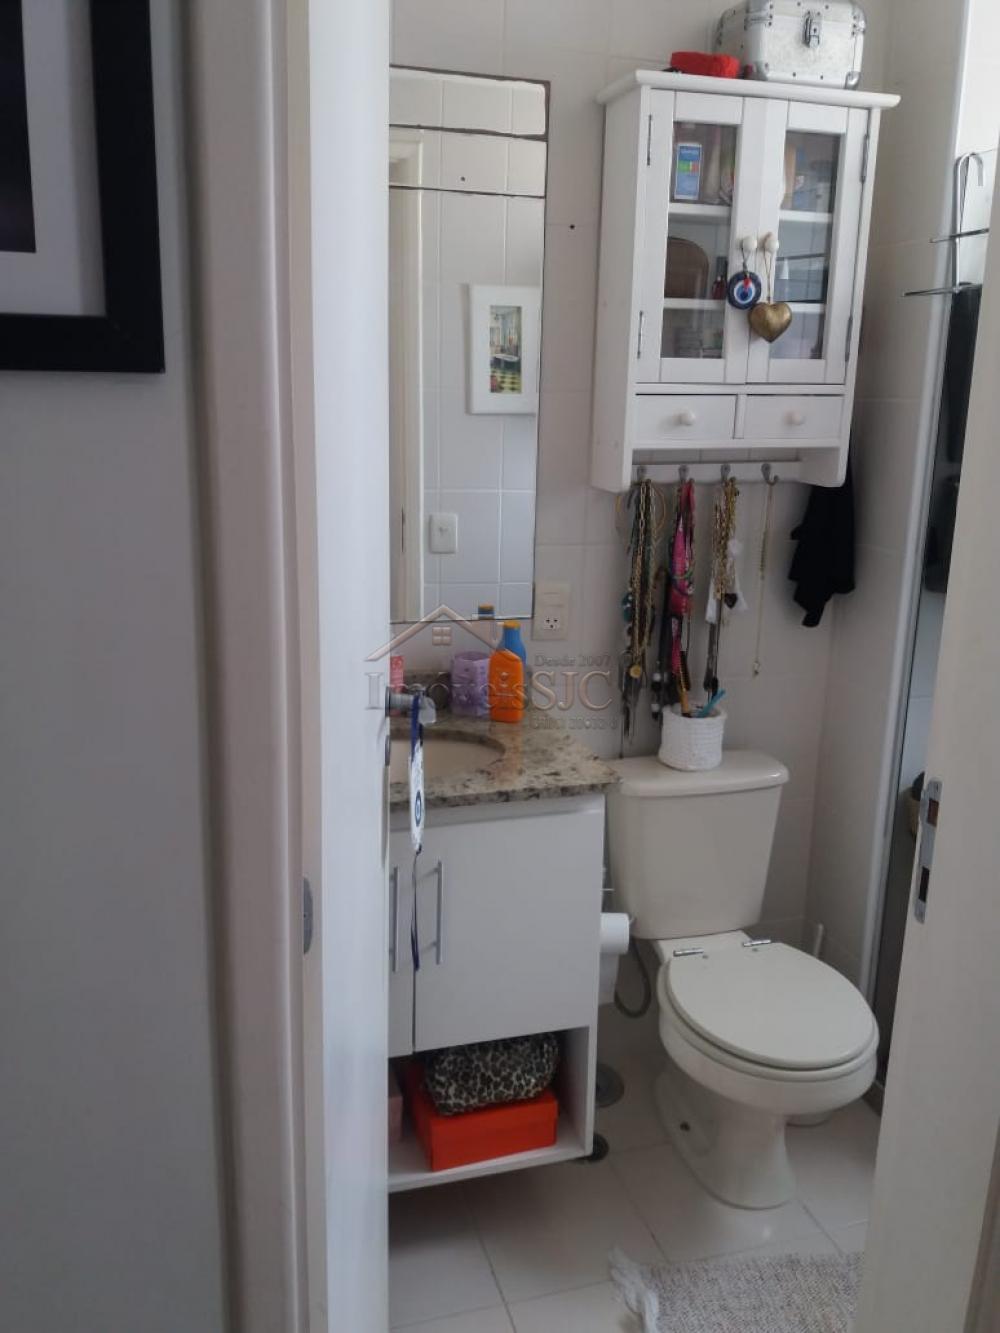 Comprar Apartamentos / Padrão em São José dos Campos apenas R$ 950.000,00 - Foto 17